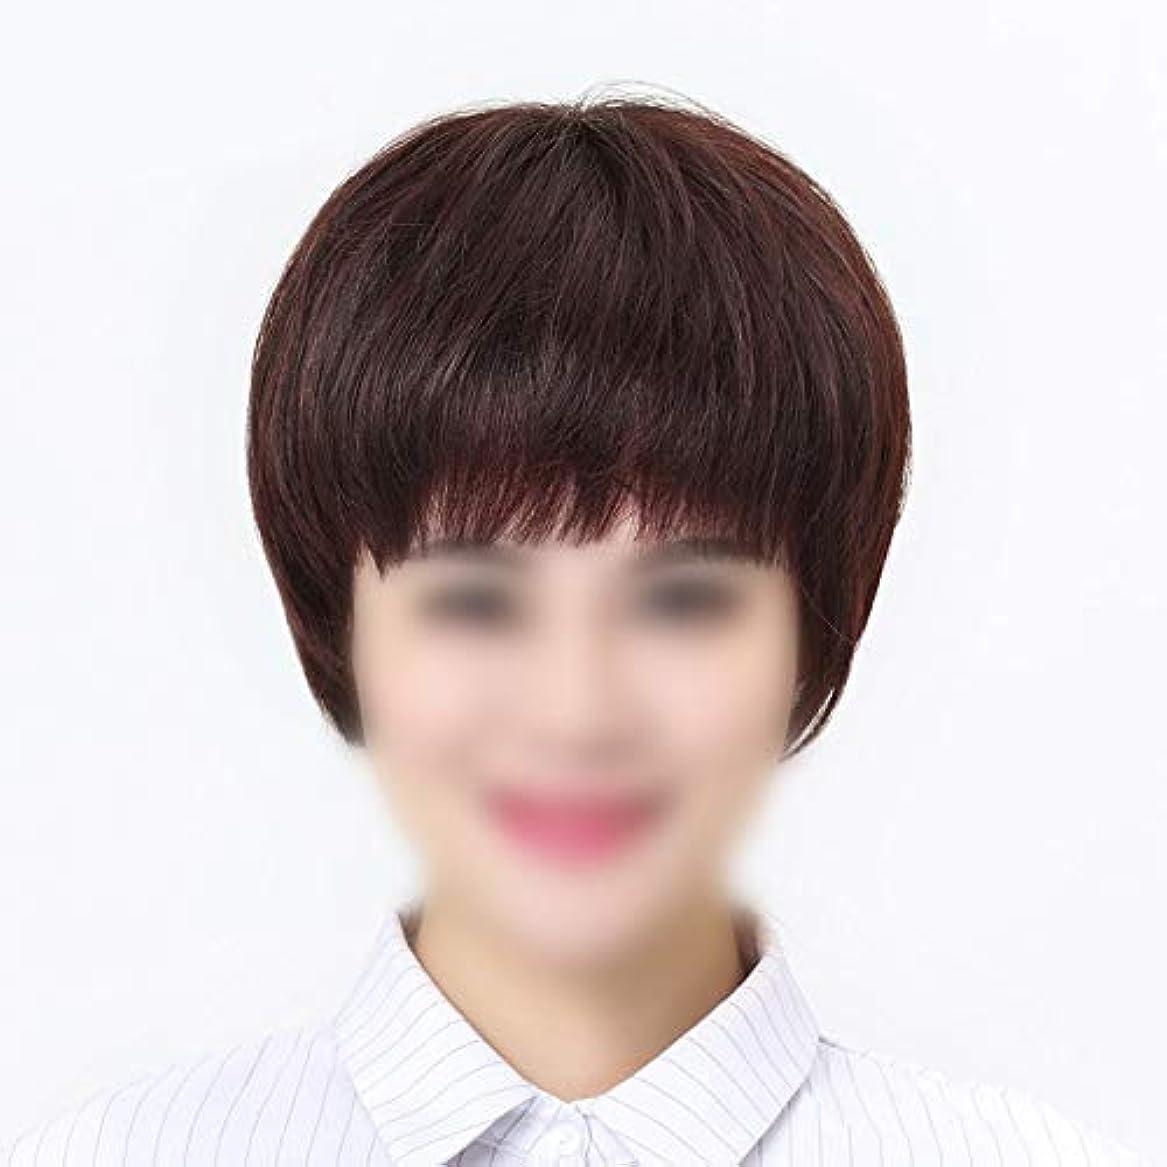 韻持っている公園YOUQIU 中年女性ウィッグ用ショートストレートヘアウィッグ女性のための手織りニードルウィッグリアルタイム髪 (色 : Natural black, サイズ : Mechanism)